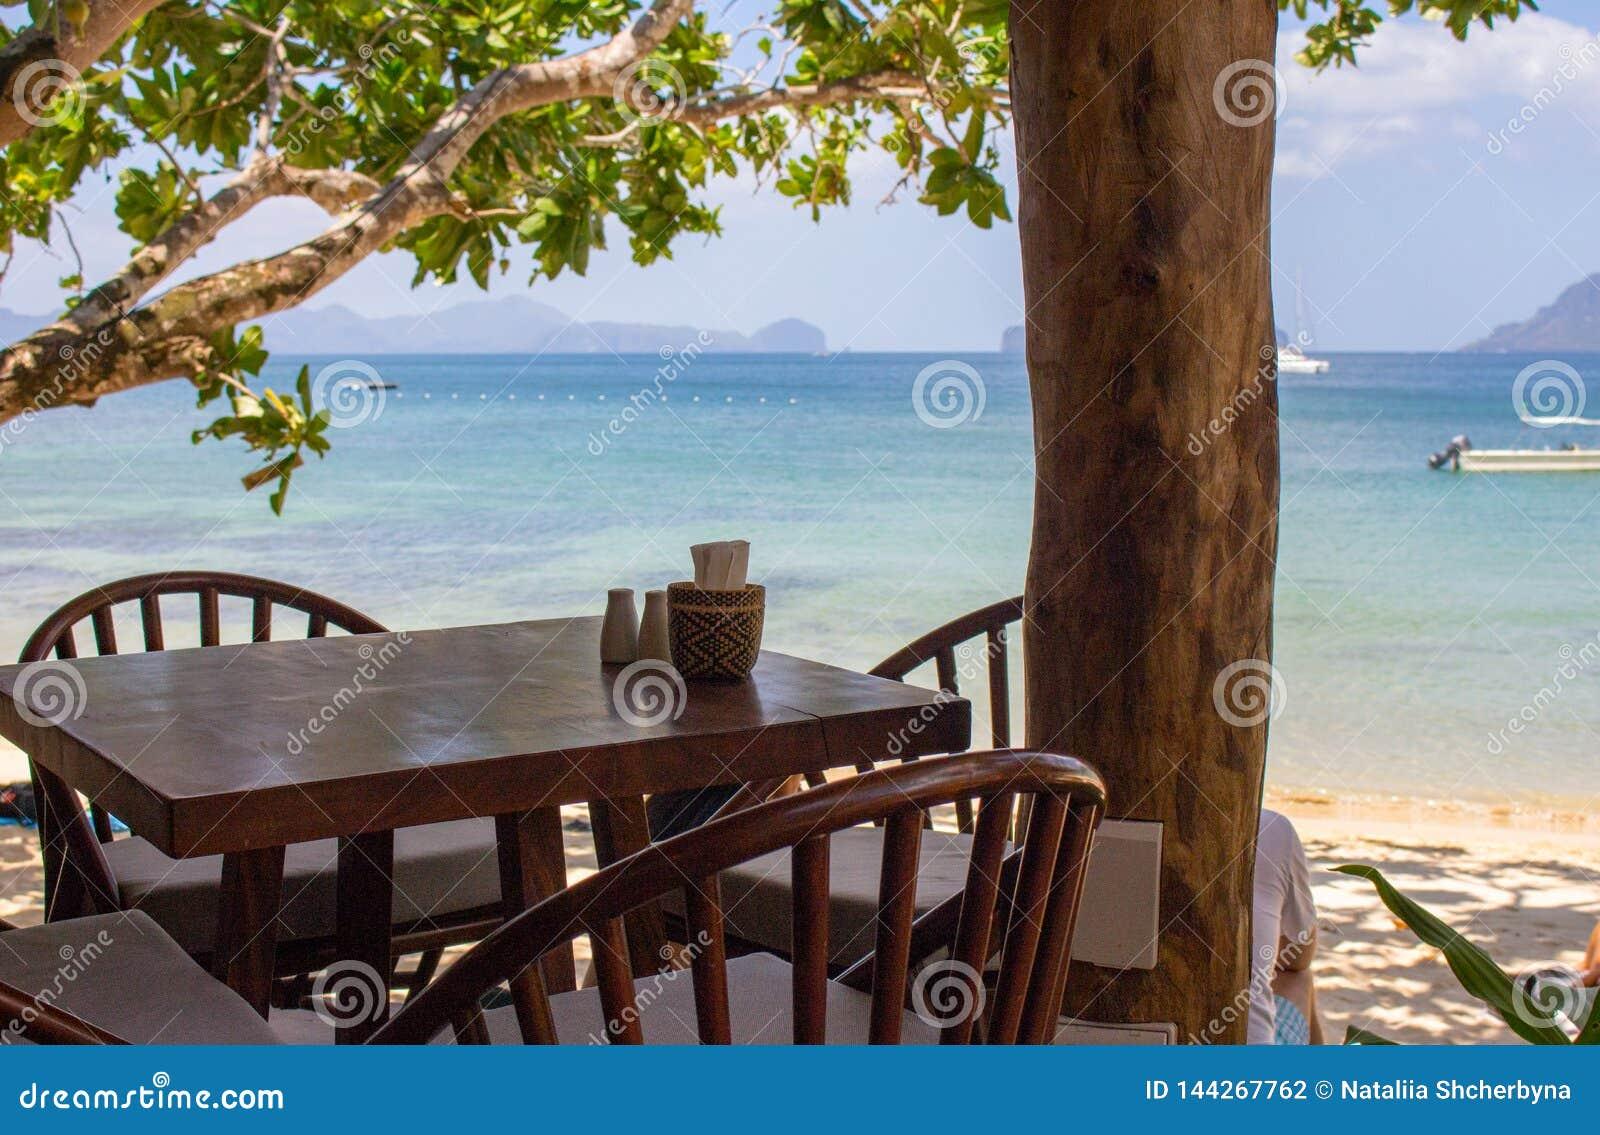 热带海滩树下空桌椅 海景海滩咖啡馆 户外餐厅木家具